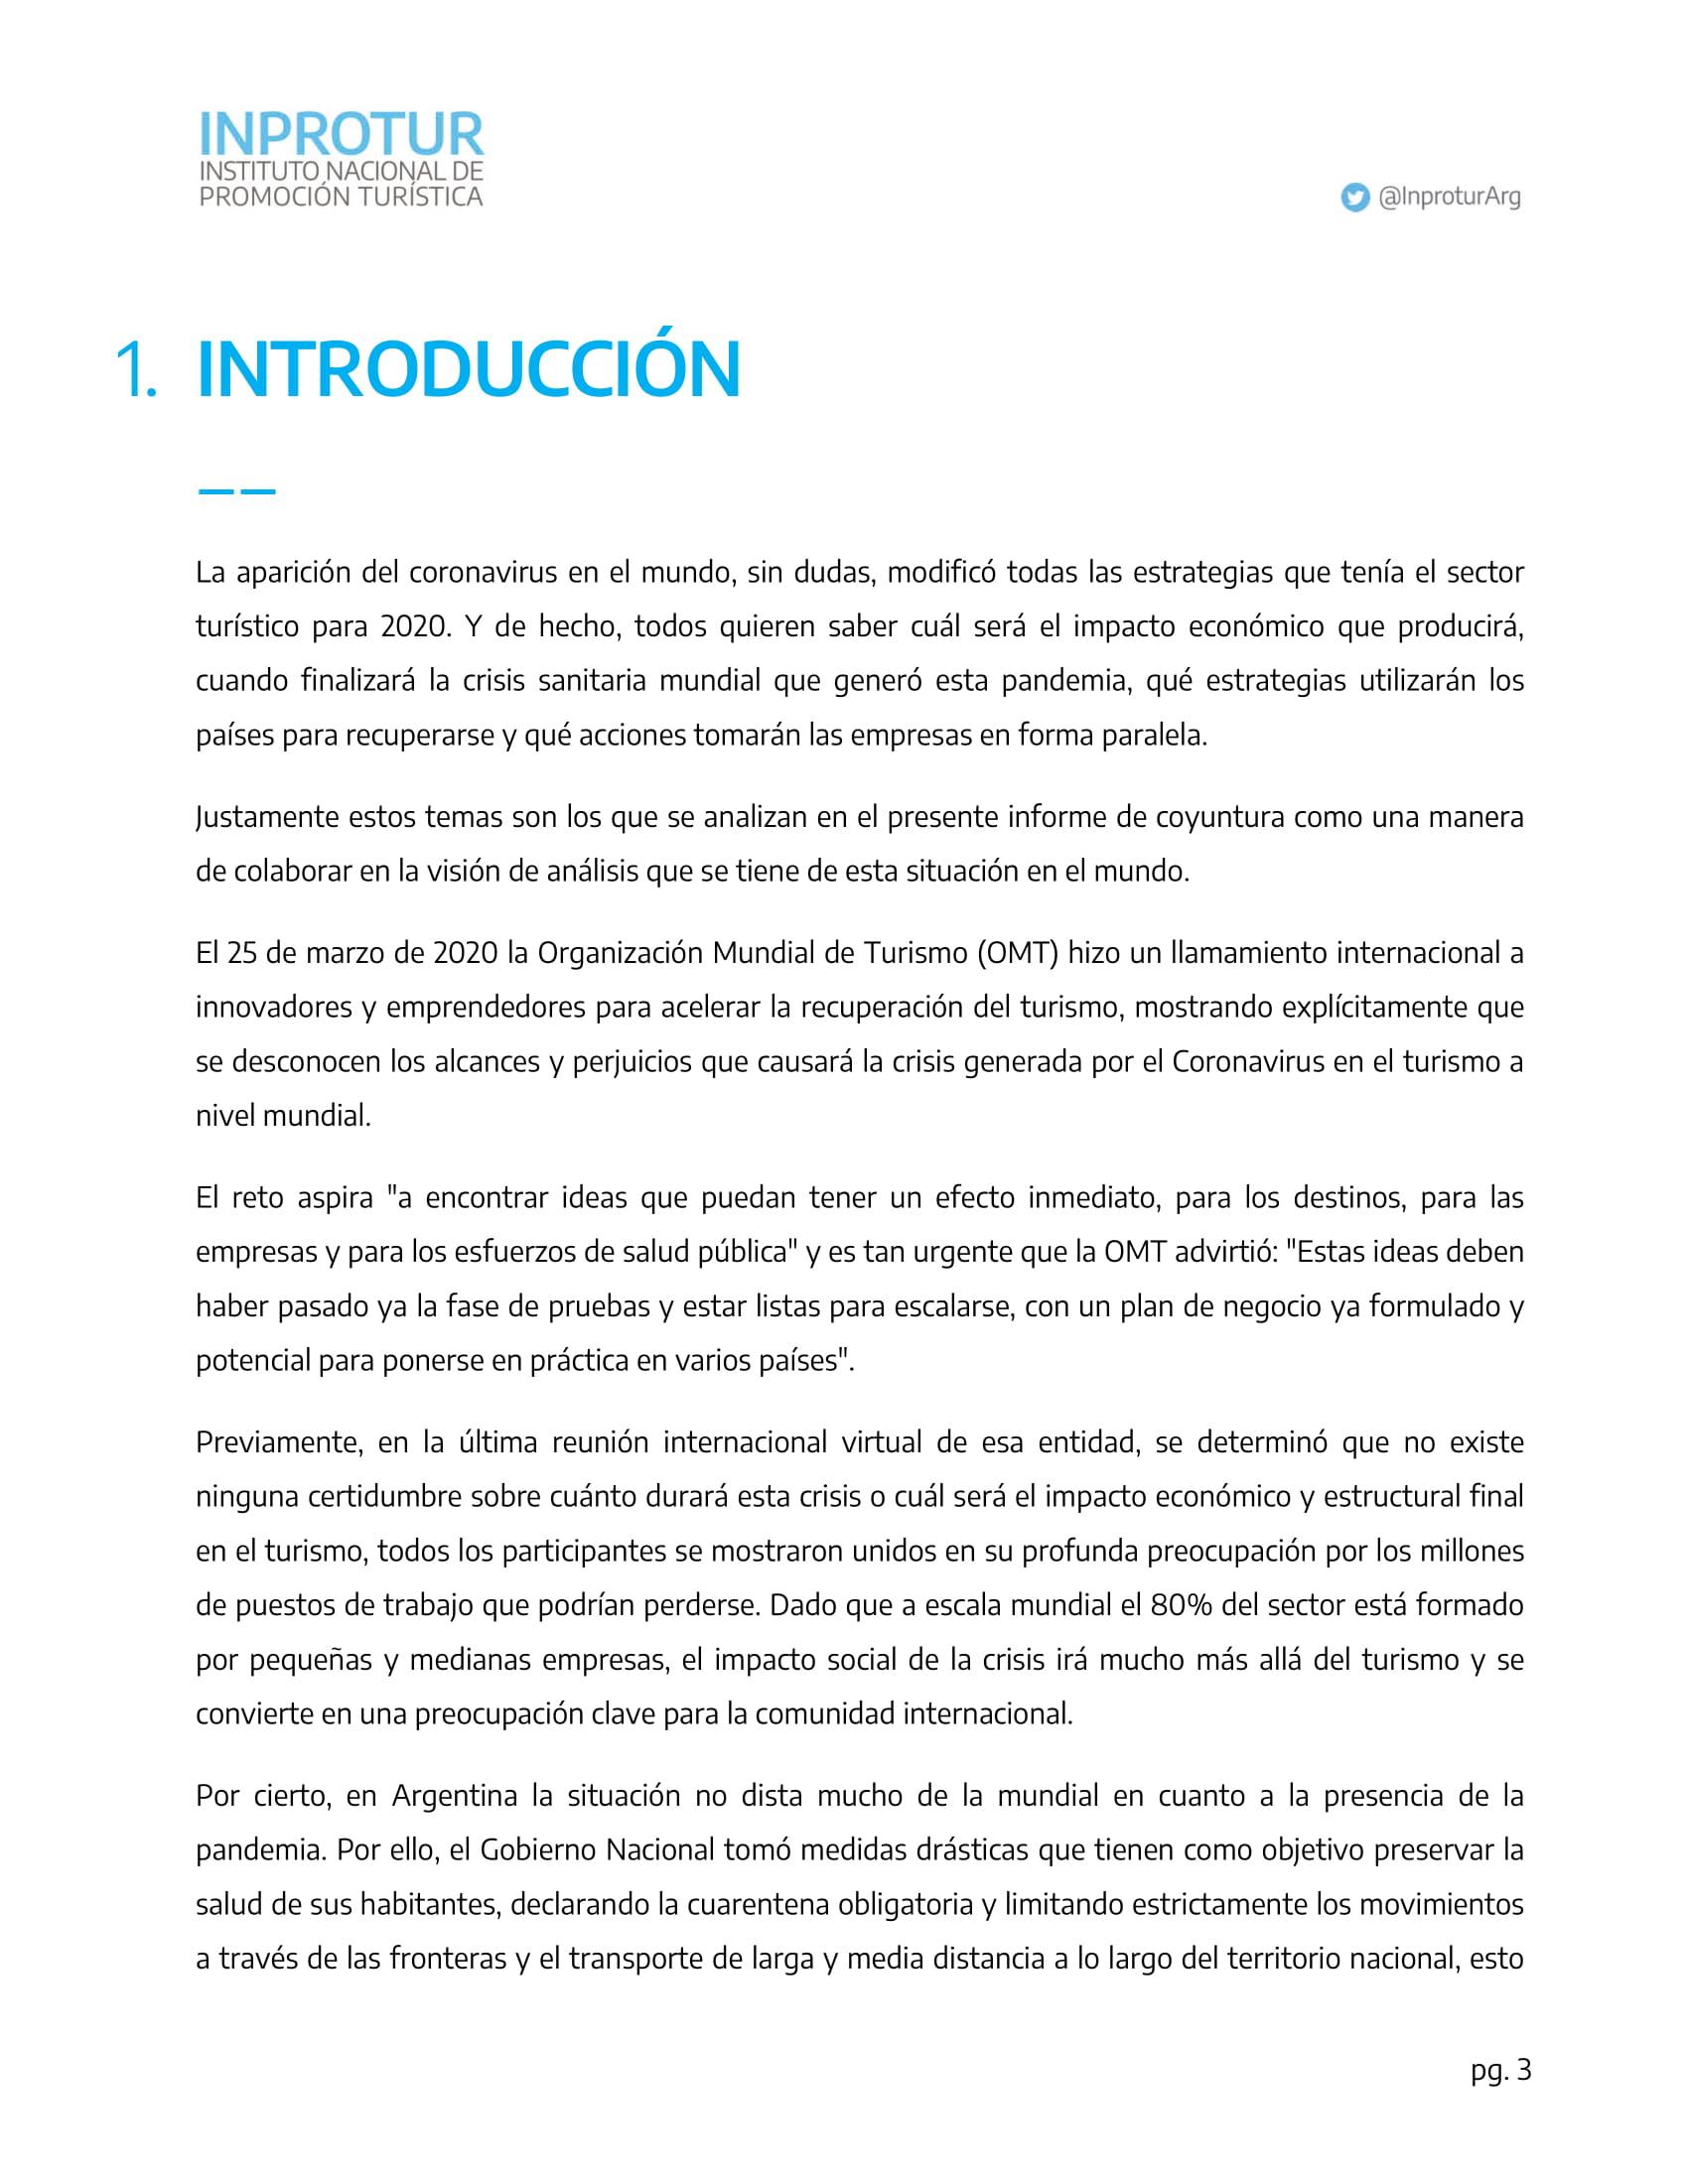 Informe-de-coyuntura-Turismo-y-Coronavirus-2020-03